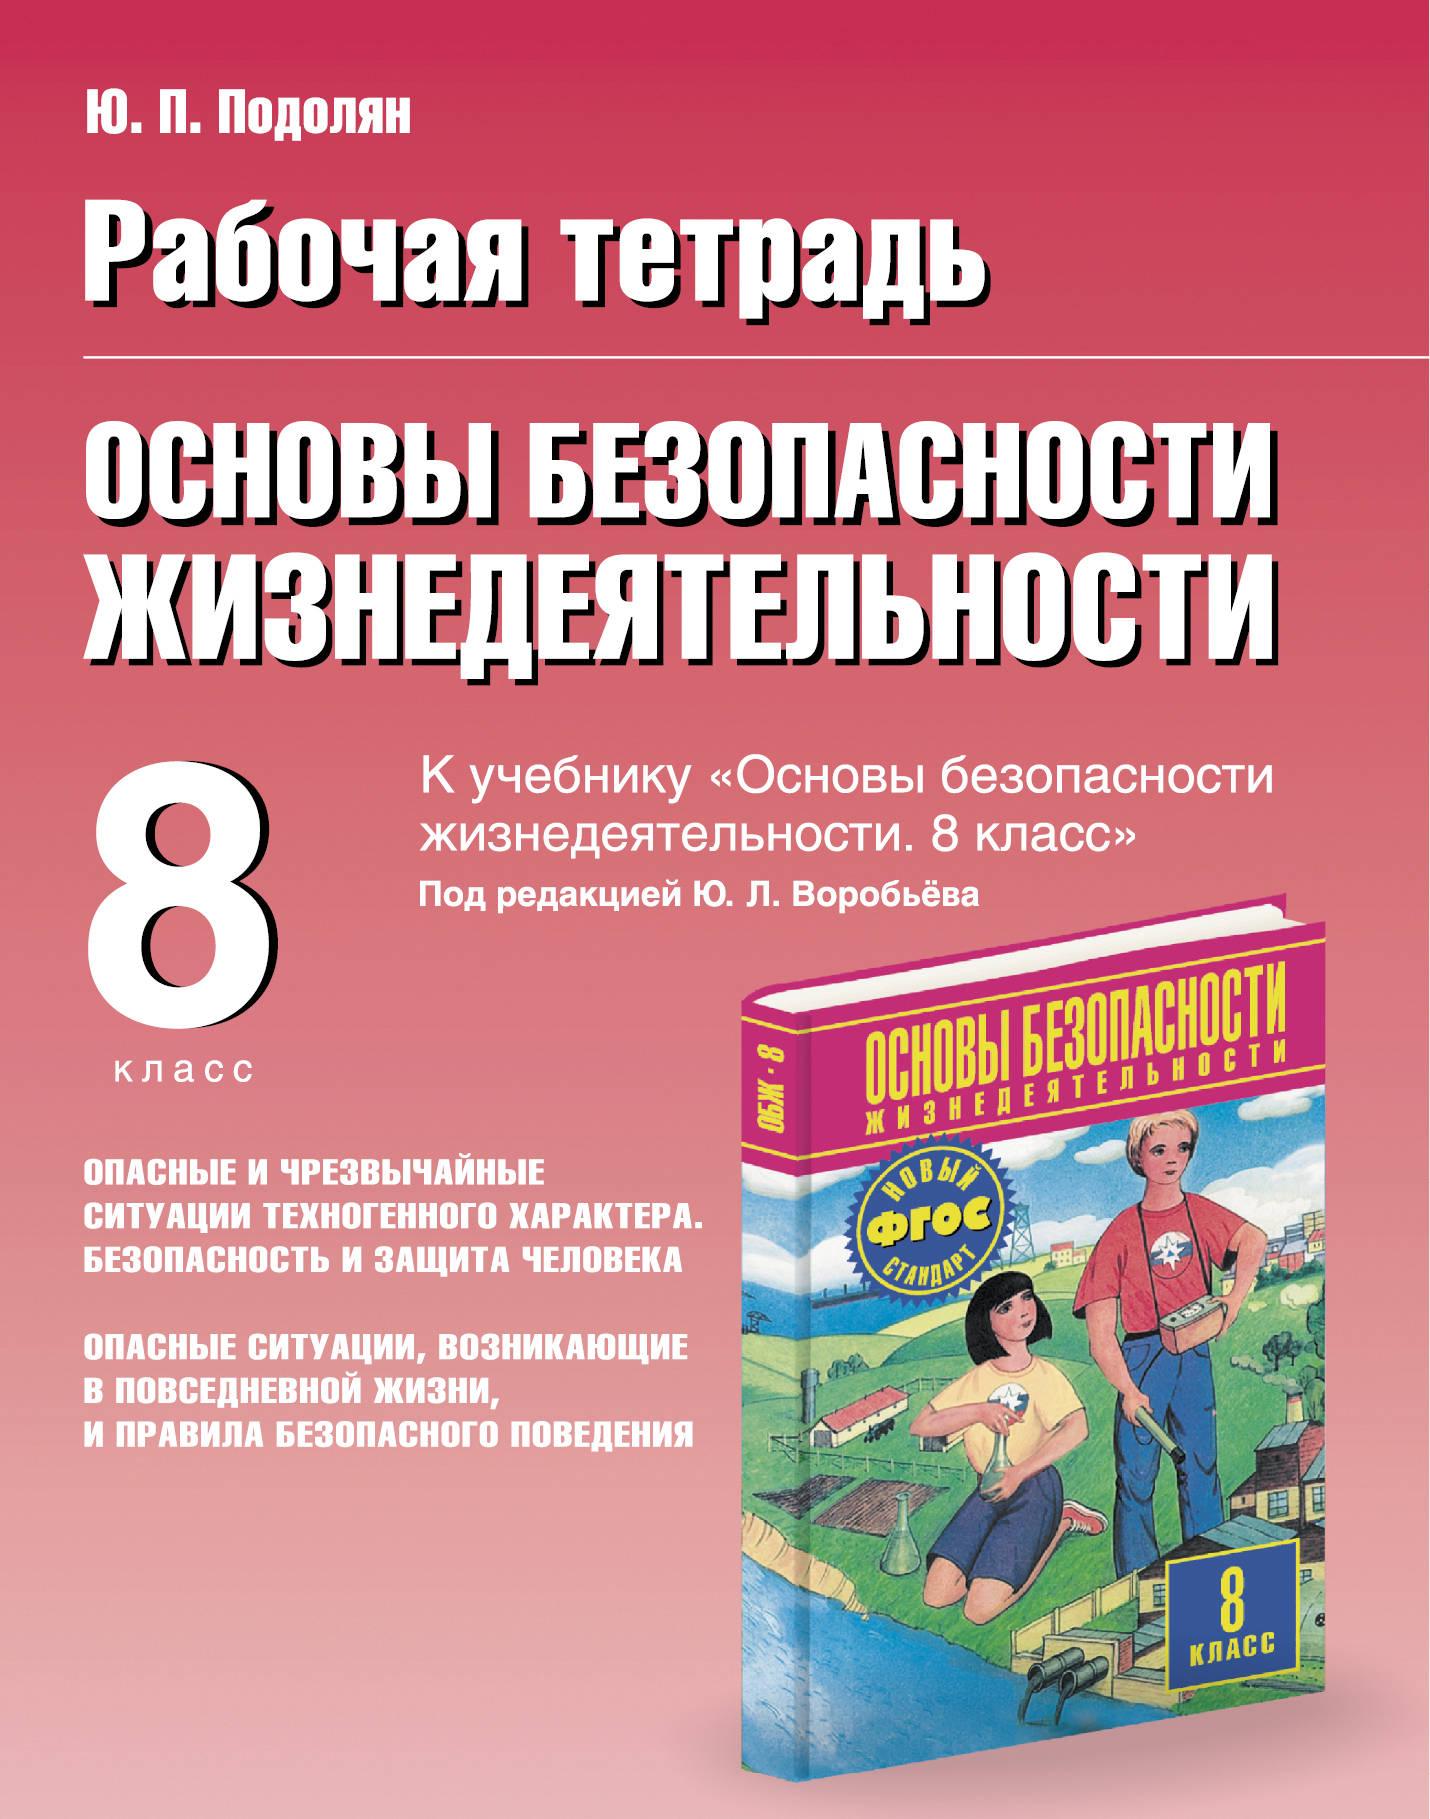 Ю. П. Подолян Основы безопасности жизнедеятельности. 8 класс. Рабочая тетрадь